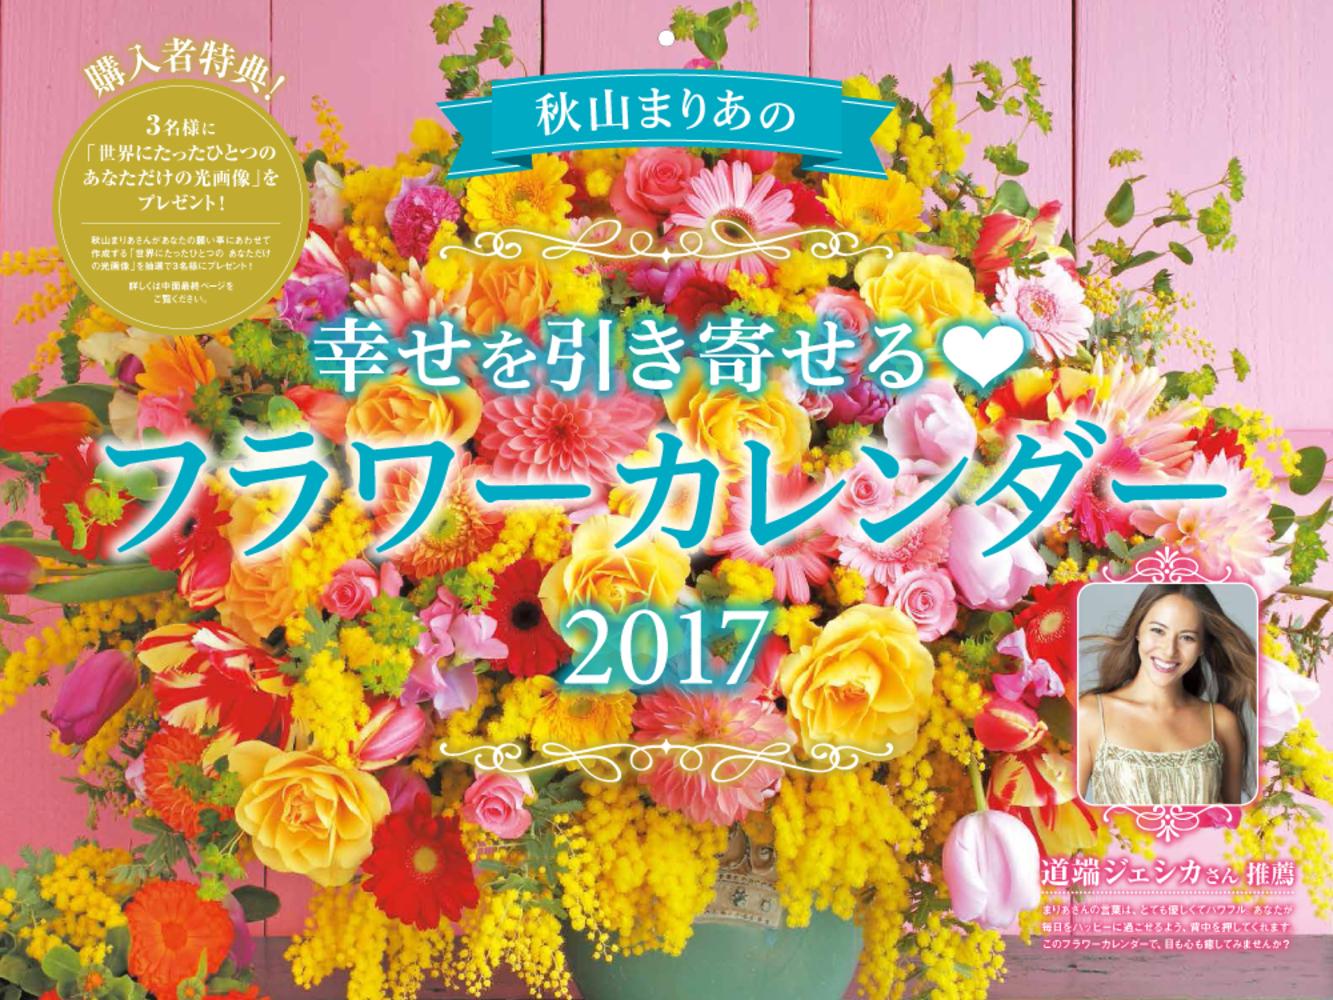 秋山まりあの 幸せを引き寄せる フラワーカレンダー 2017